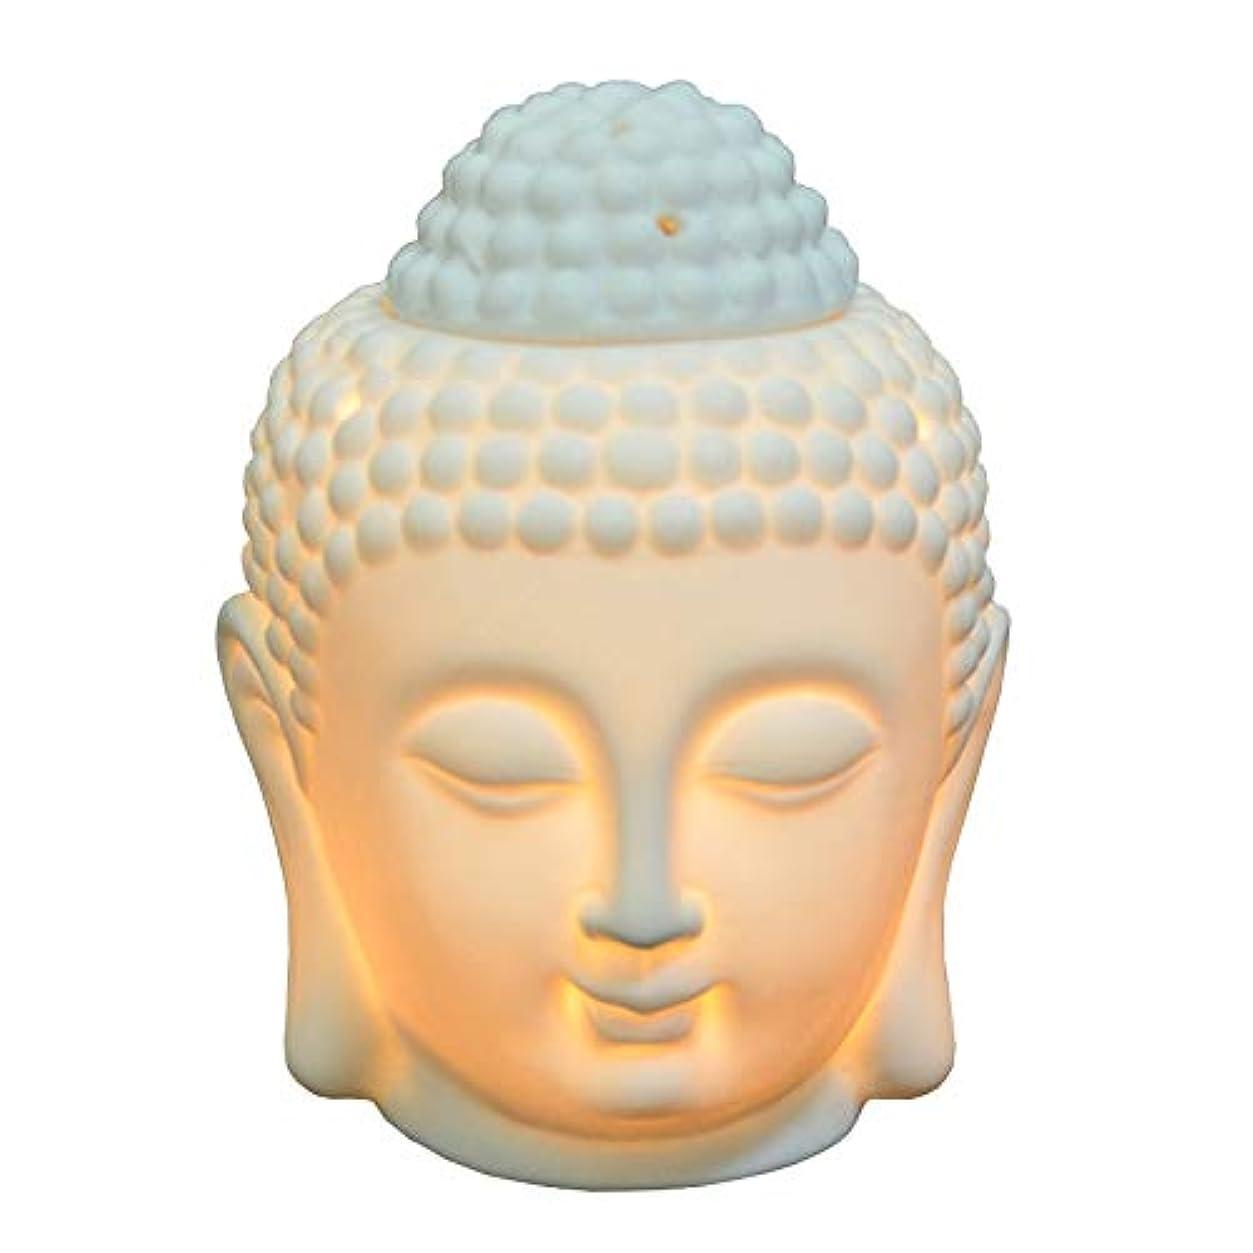 着飾るカートン抵抗力がある仏頭像オイルバーナー半透明セラミックアロマディフューザー家の装飾